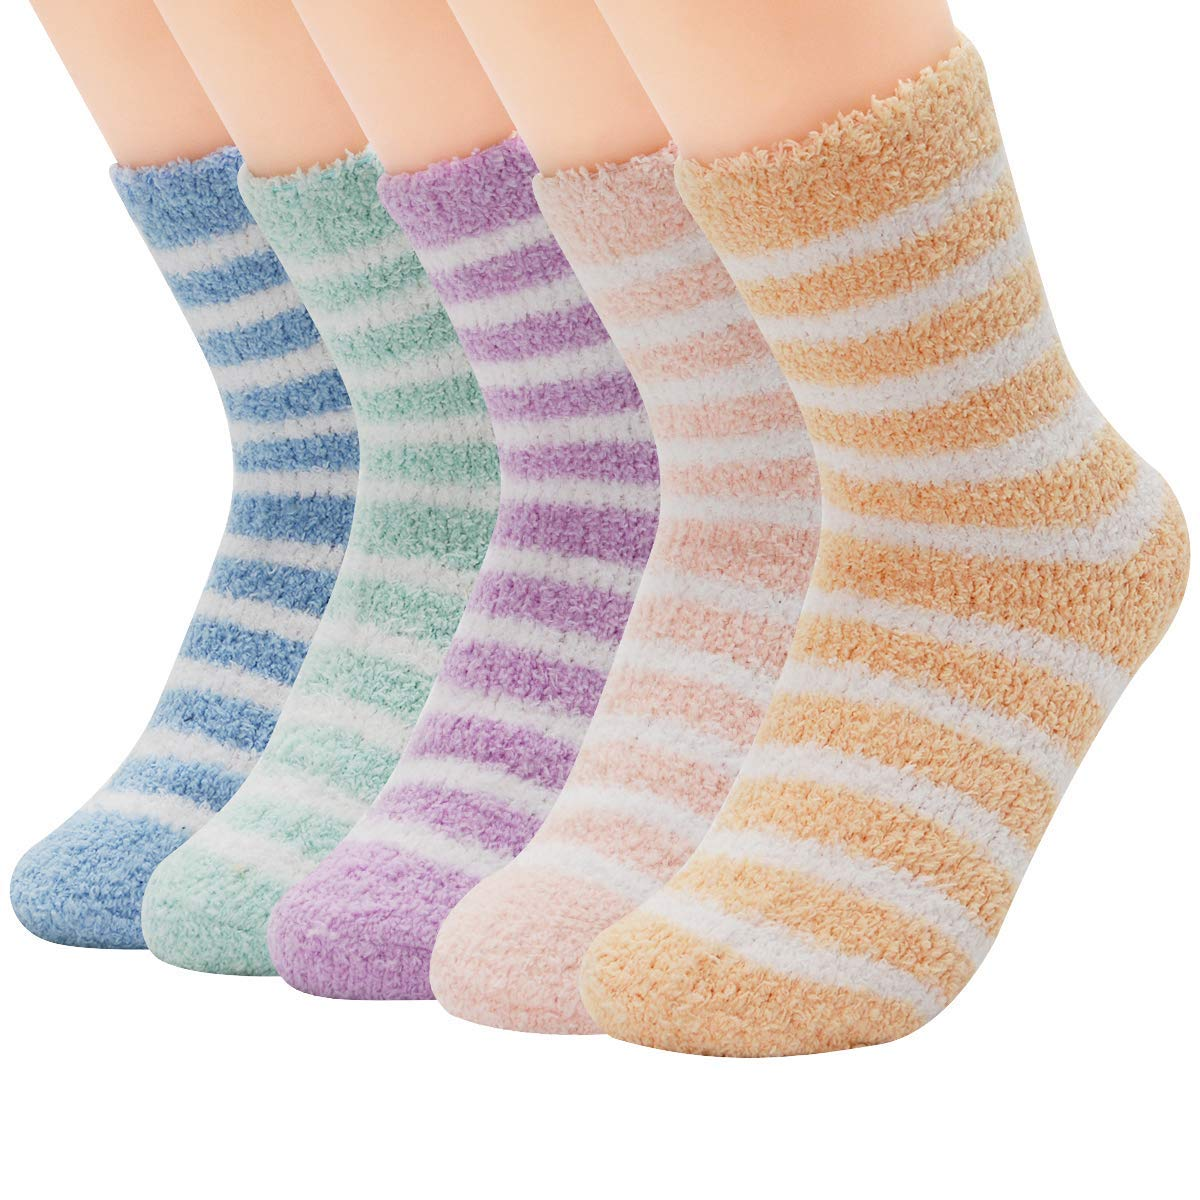 Mulheres quentes super macio pelúcia chinelo meias de inverno fofo tripulação meias casa casual dormir fuzzy cozy sock, 5 pares colorido tira